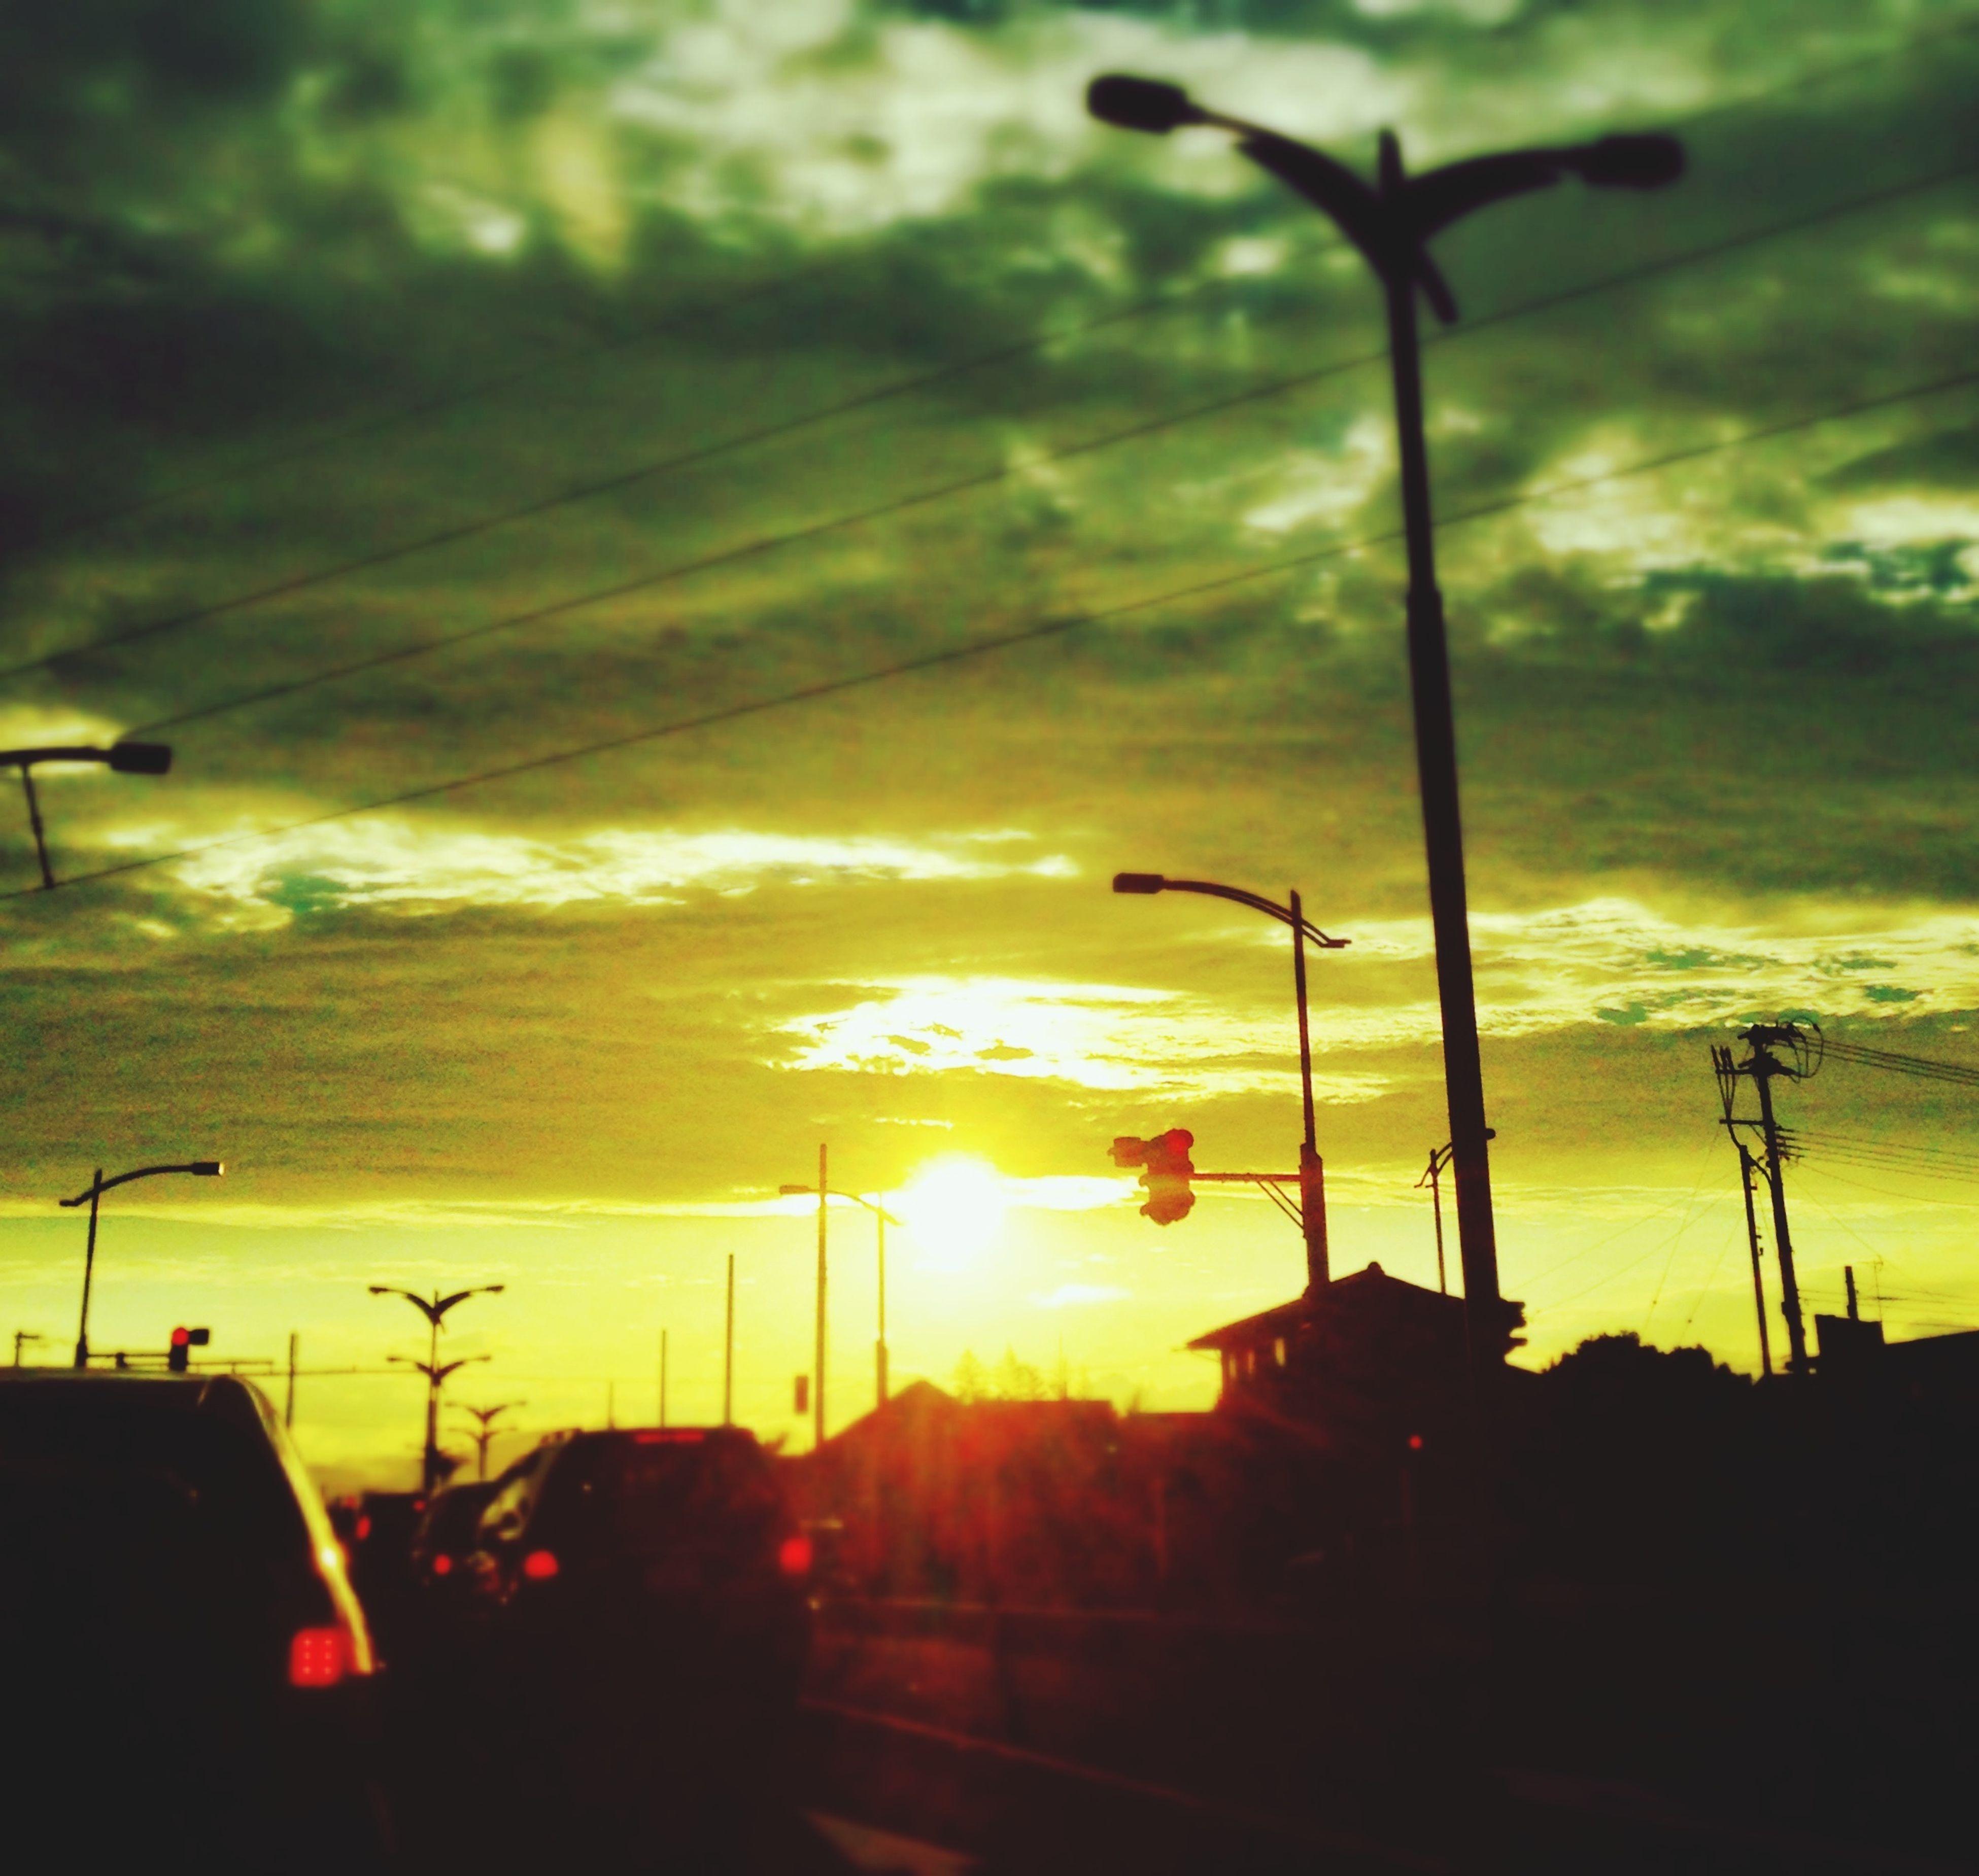 2014.08.12 夕刻。 Sunset Silhouettes Summer Japan Clouds And Sky